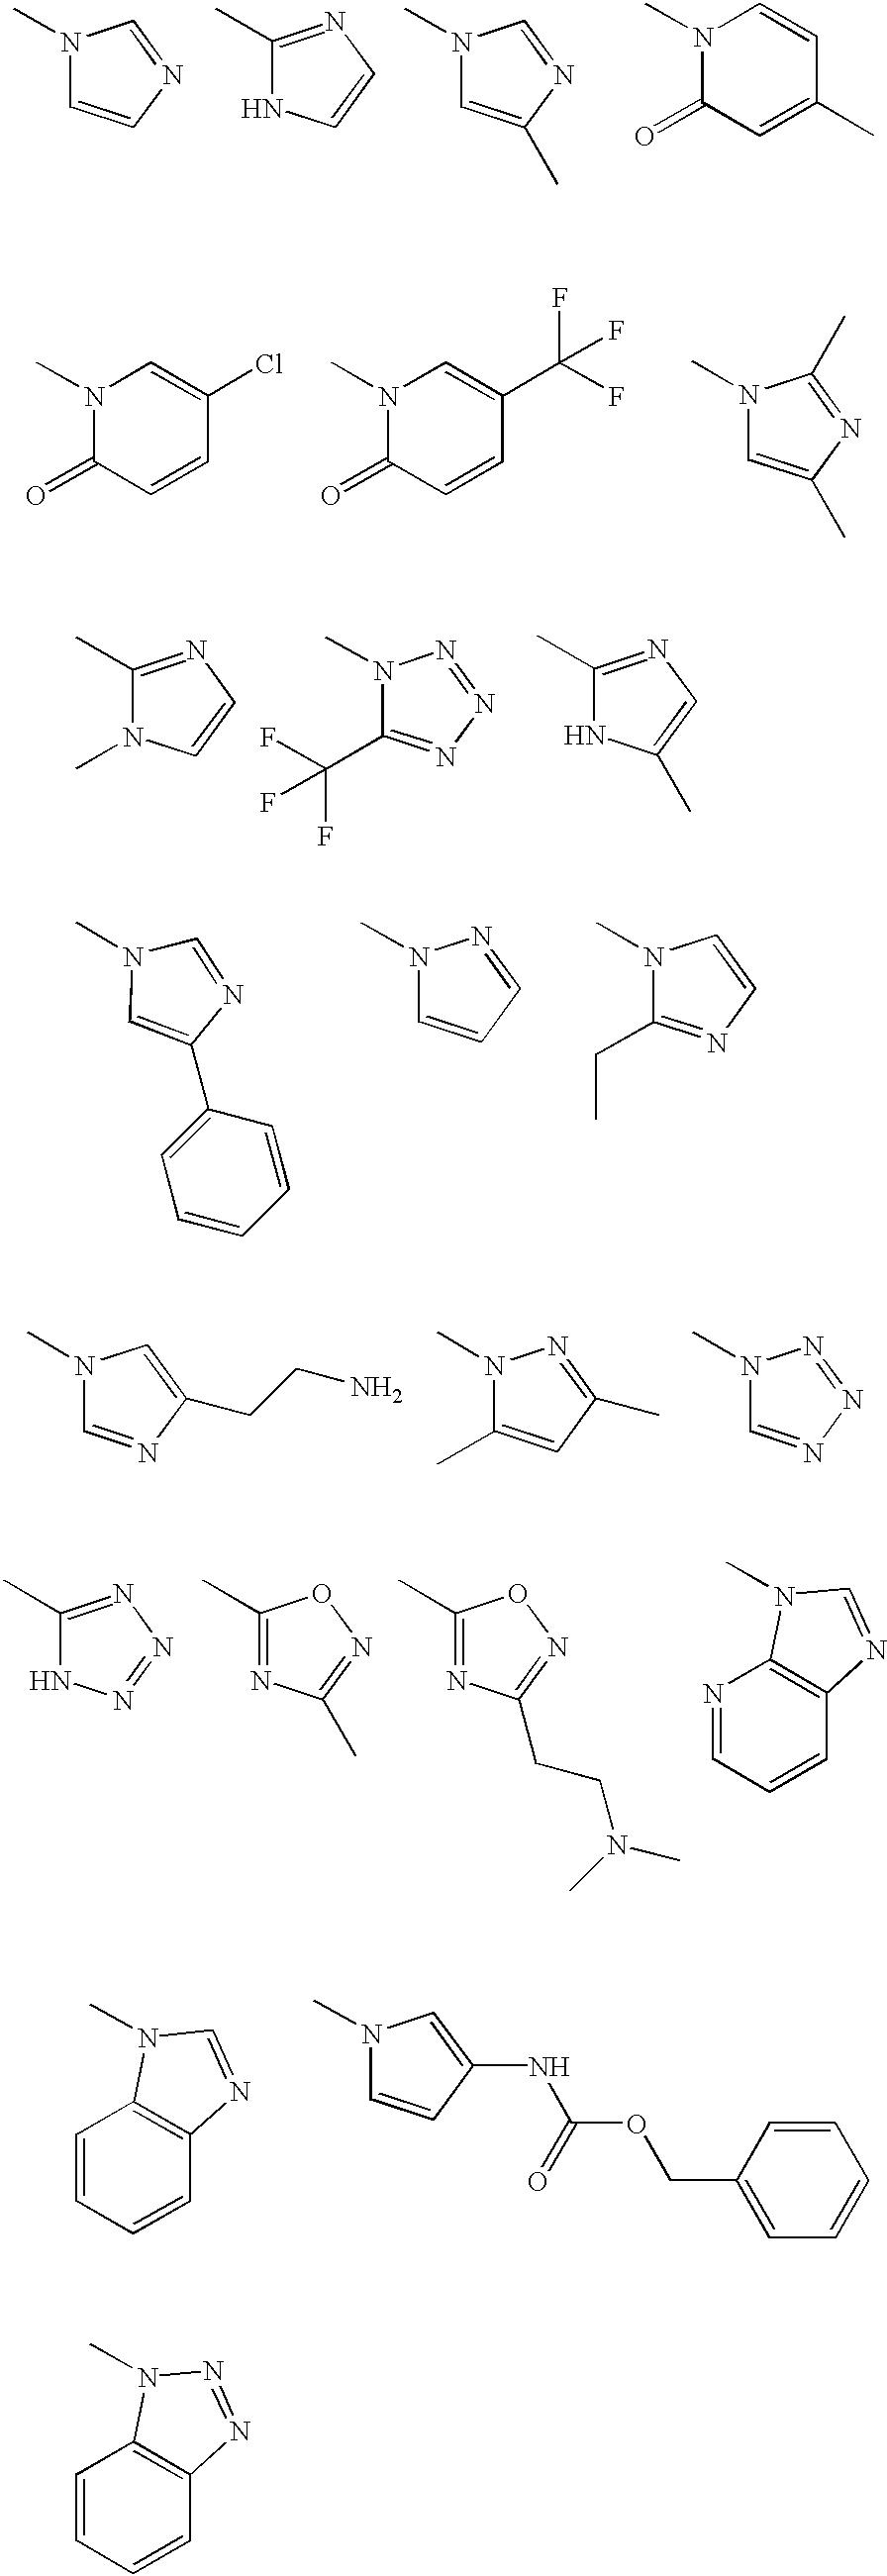 Figure US07045519-20060516-C00009